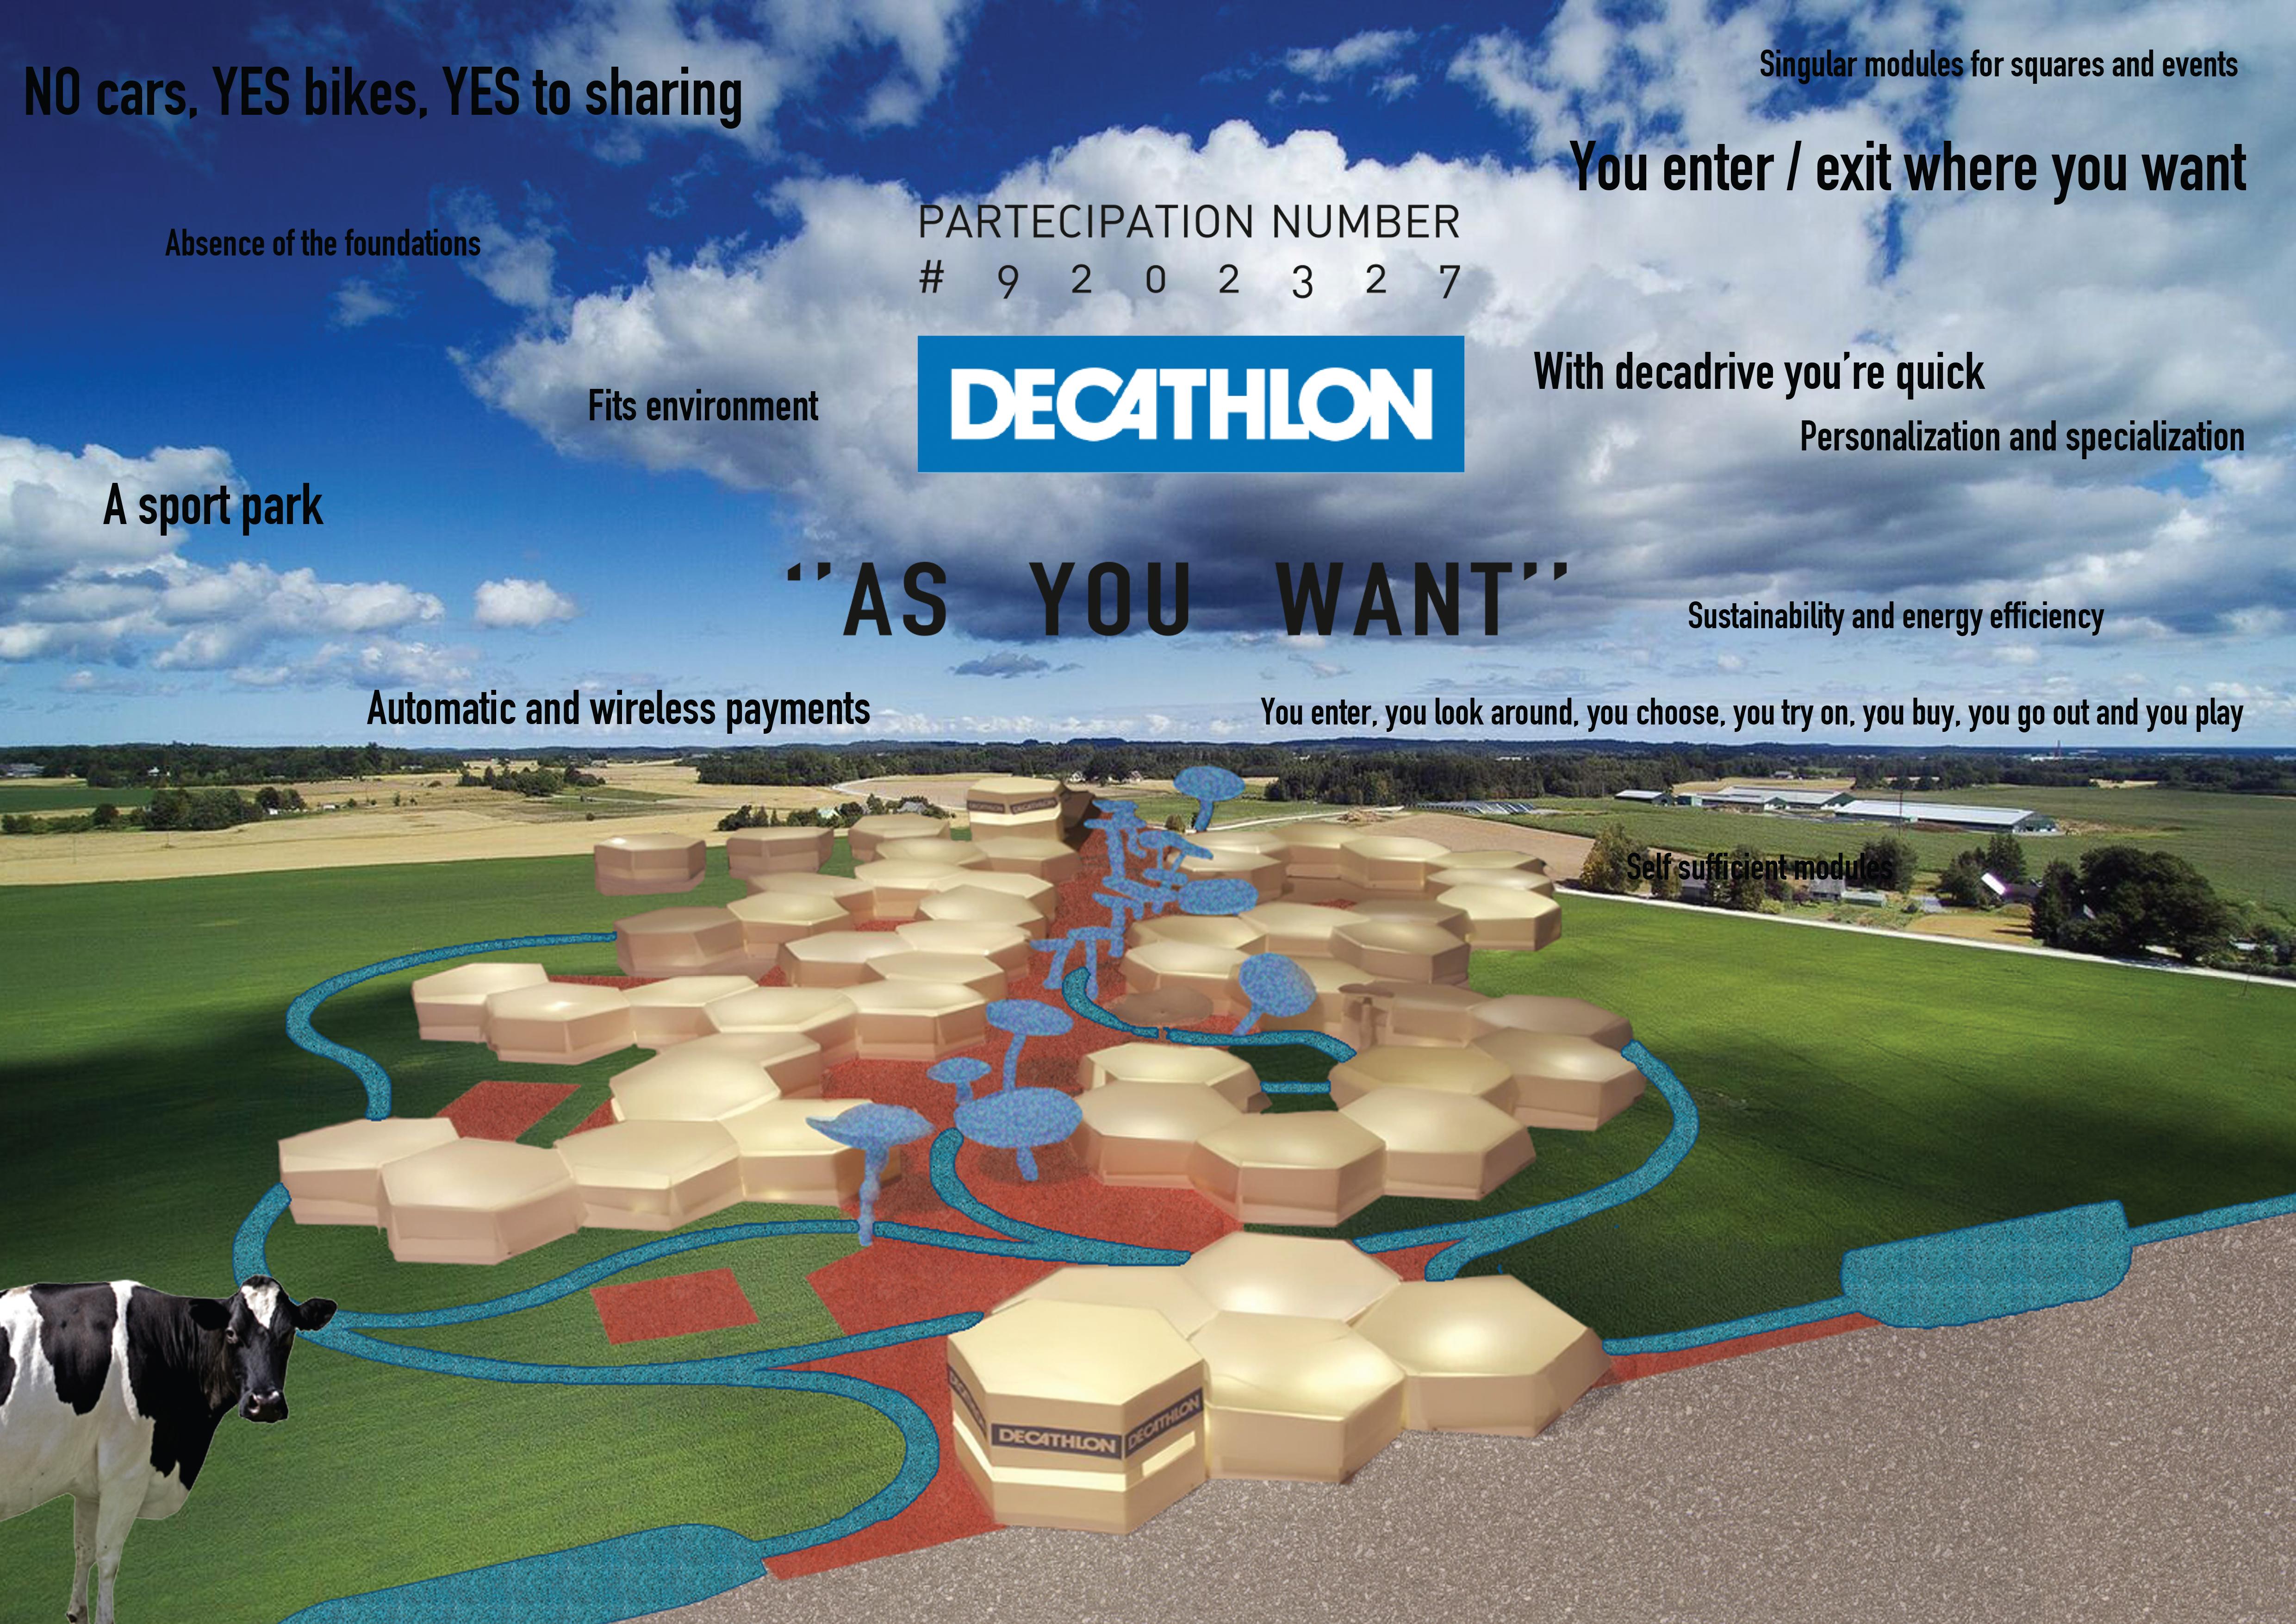 decathlon competition fgsa fabrizio guccione architetto grande distribuzione innovazione spazi commerciali parco parchi verde urbano sport